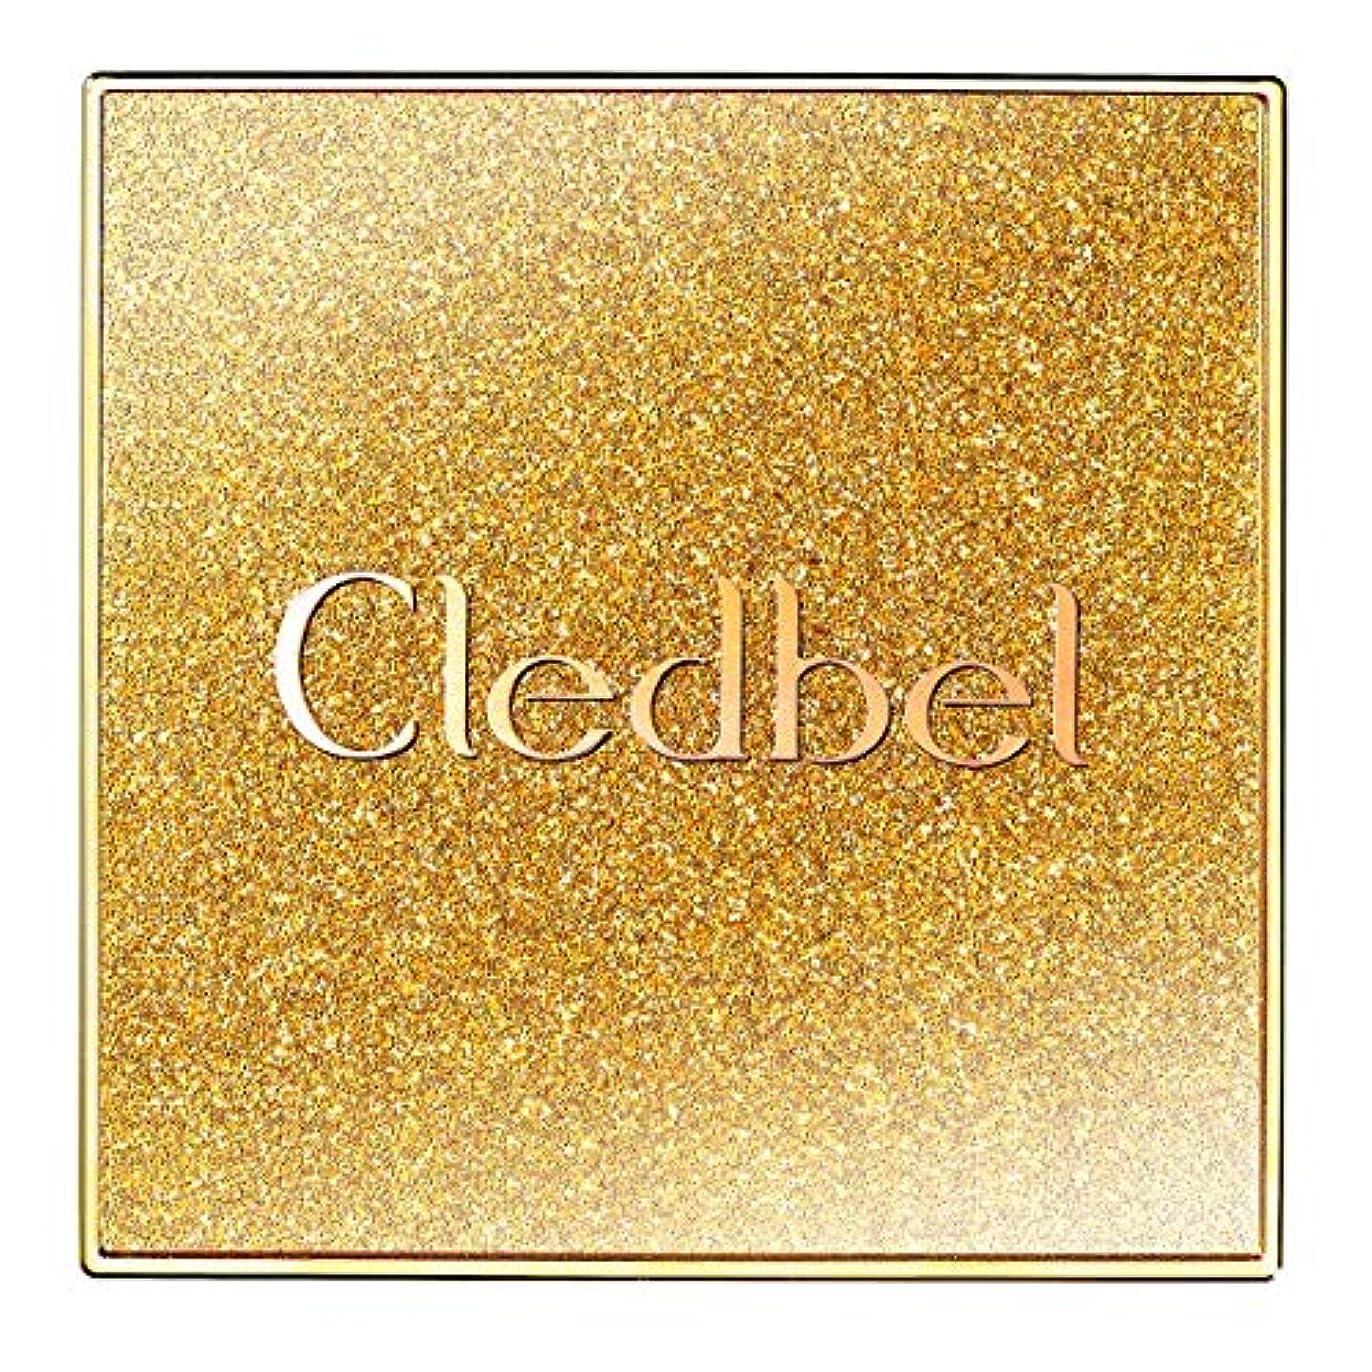 固体マチュピチュ感謝している[Cledbel] Miracle Power Lift V Cushion SPF50+ PA+++ GOLD EDITION/クレッドベルミラクルリフトV クッション [並行輸入品]